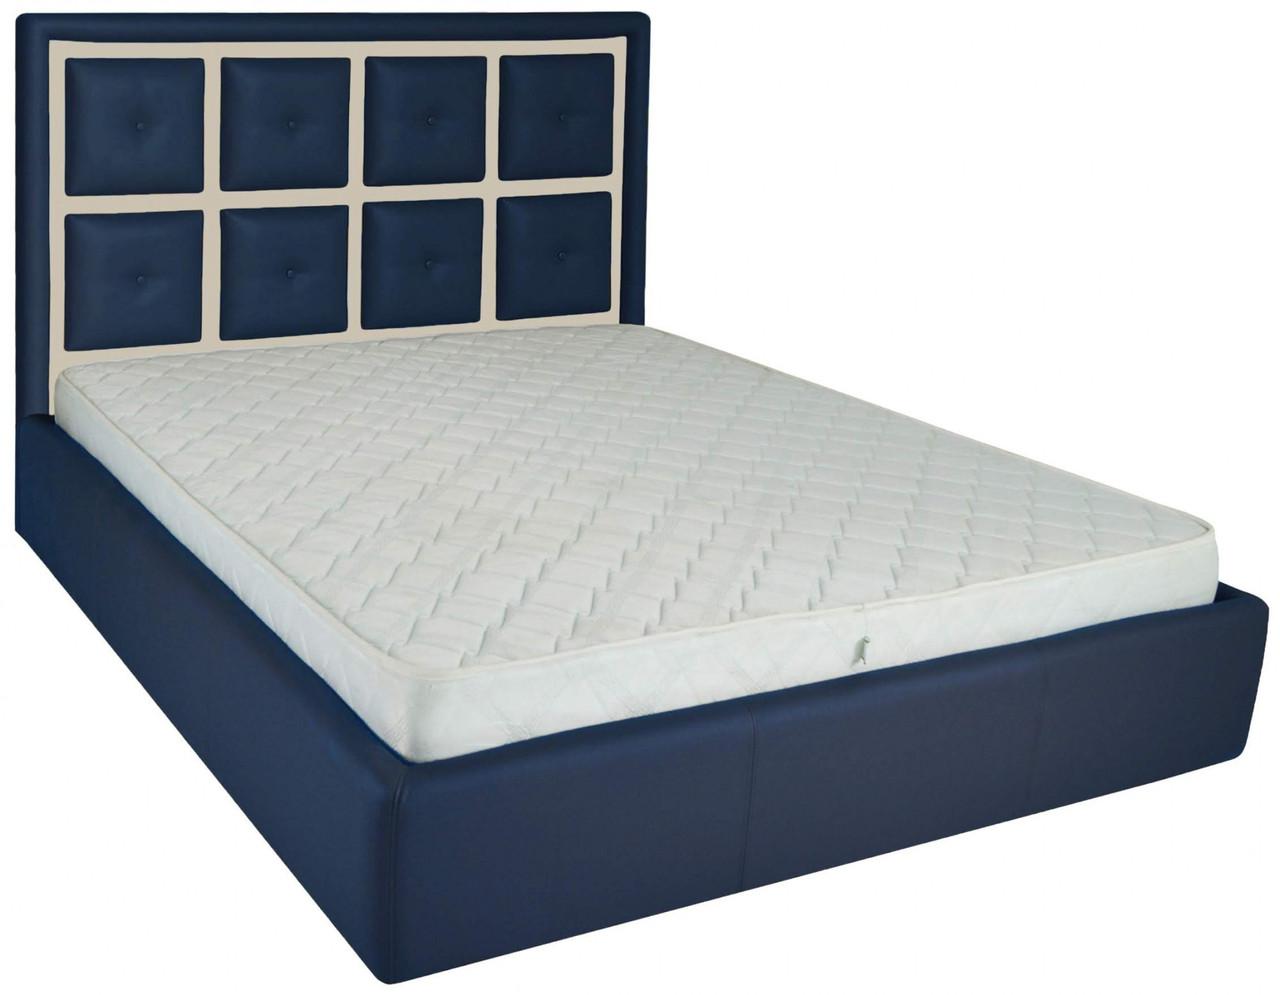 Кровать Двуспальная Richman Виндзор 180 х 190 см Флай 2227/2207 Синяя+Бежевая